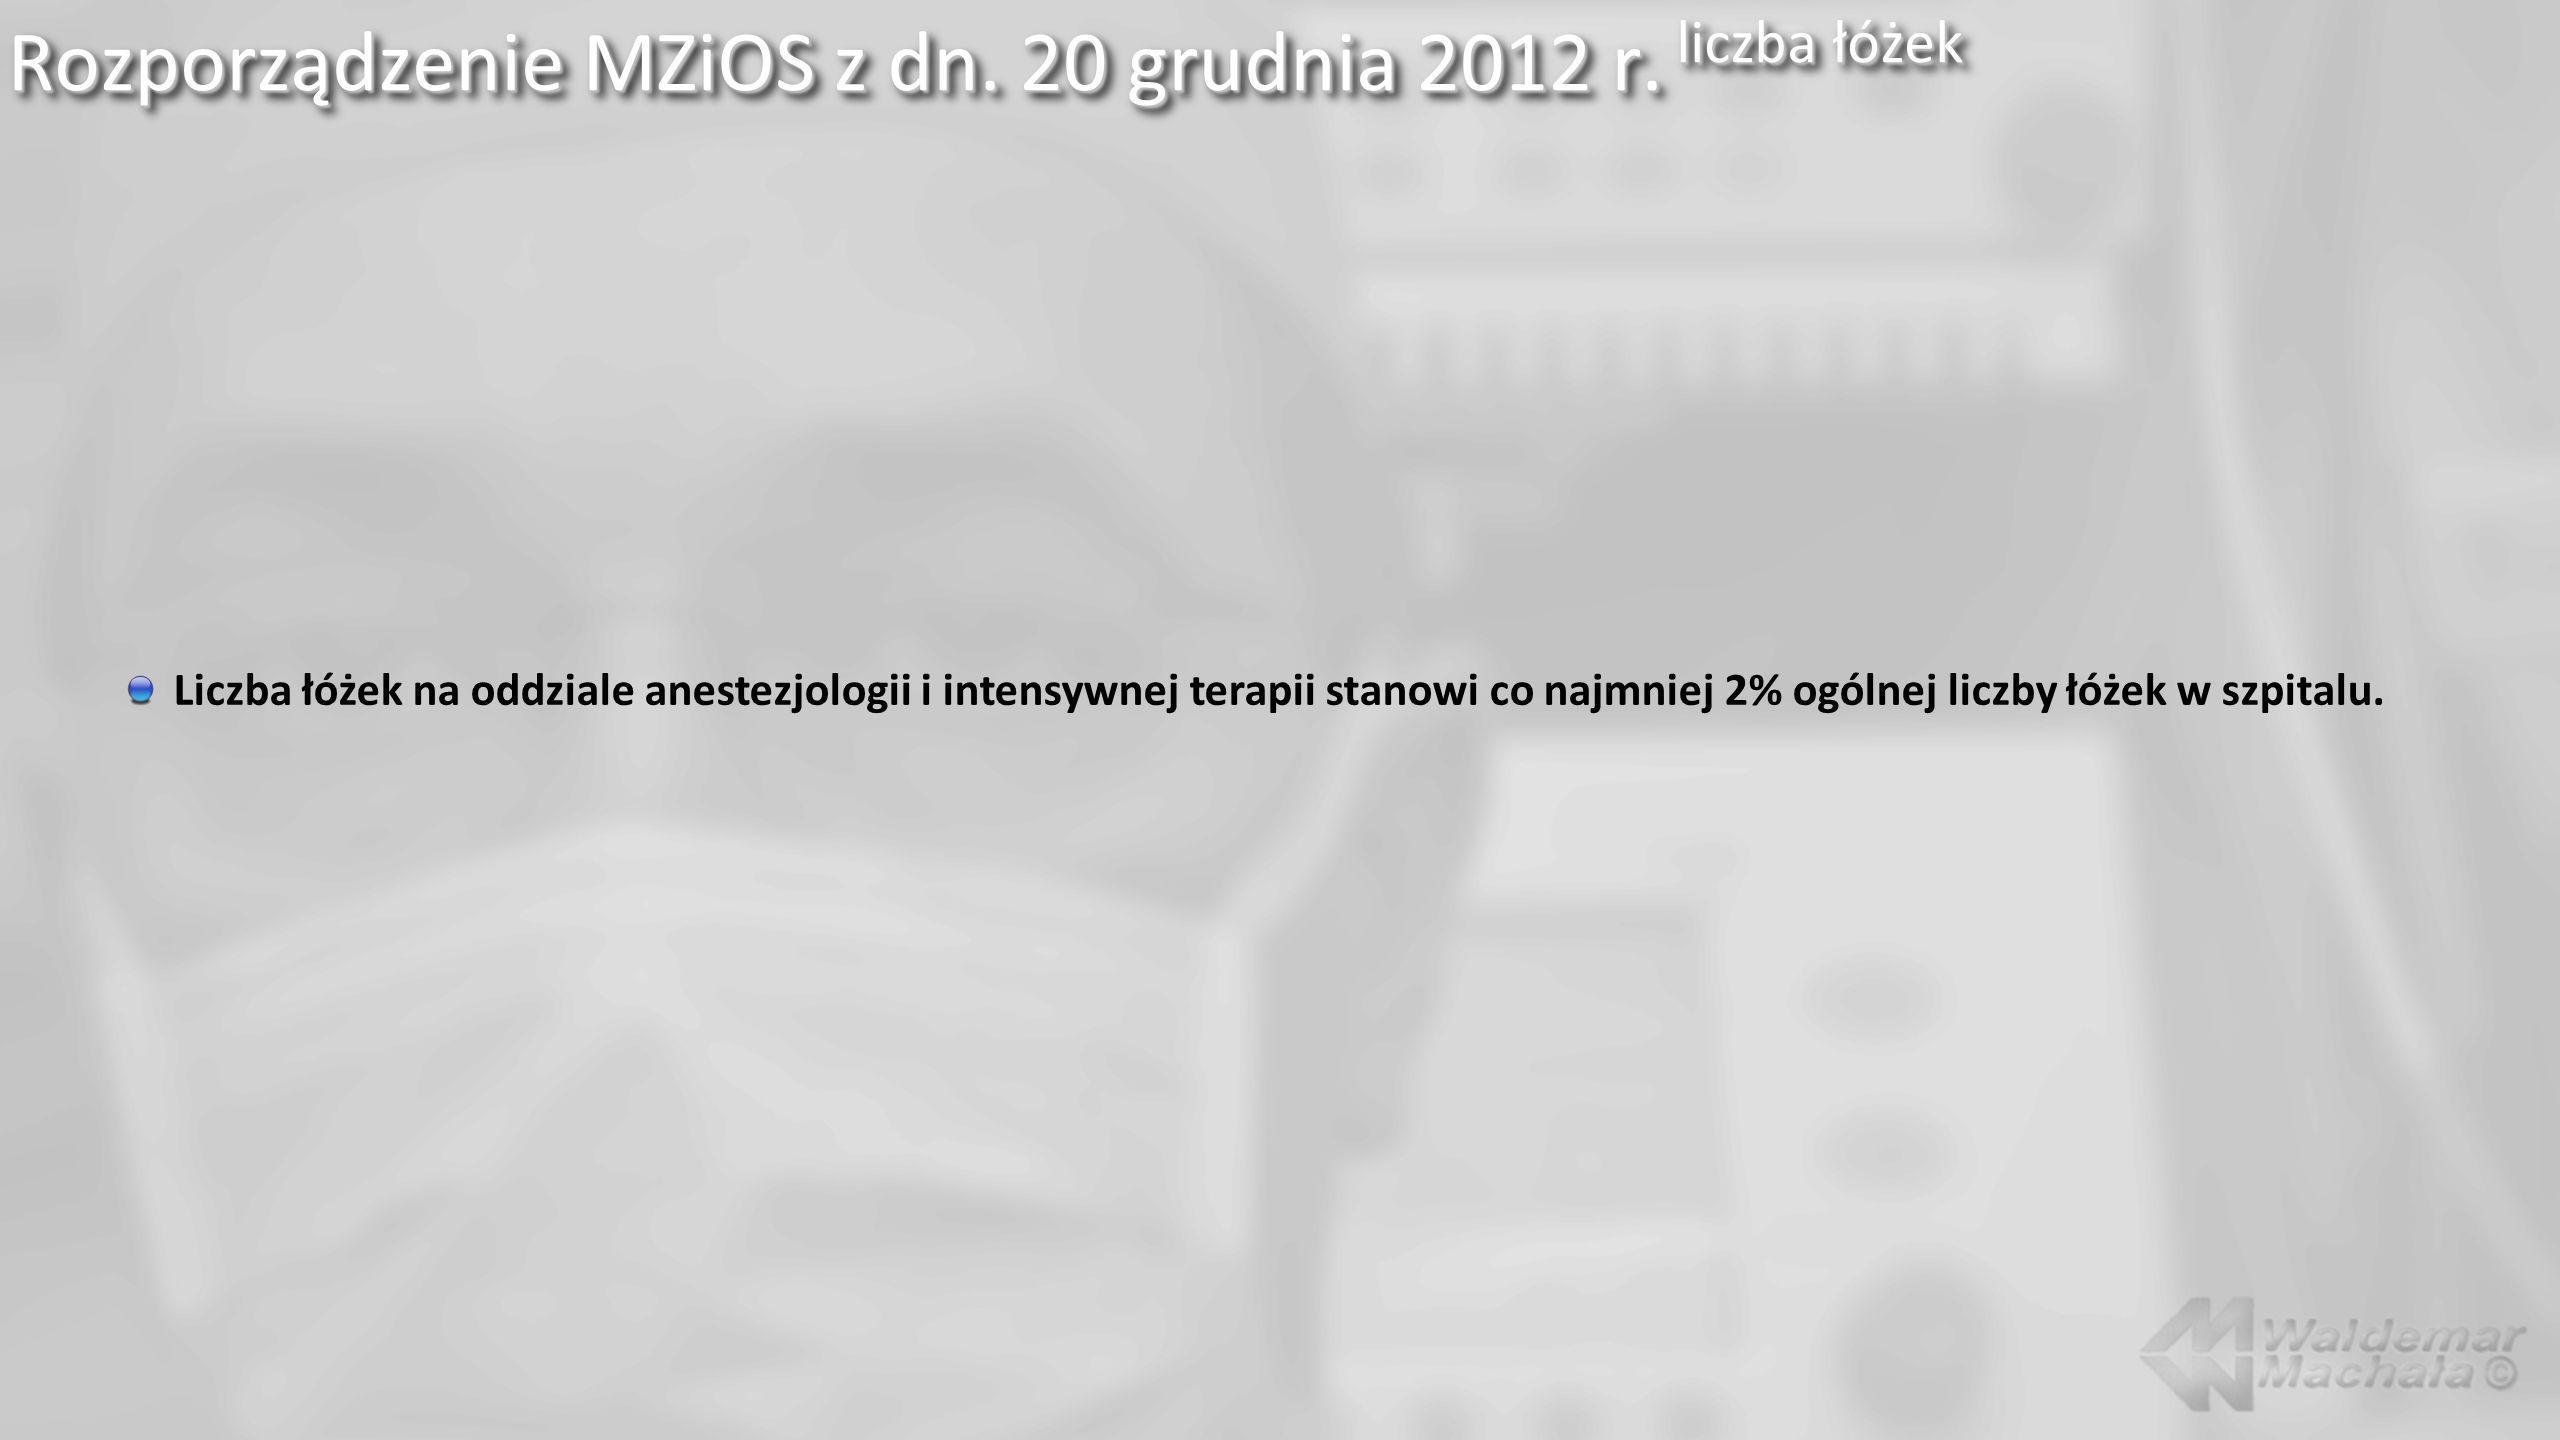 Rozporządzenie MZiOS z dn. 20 grudnia 2012 r. liczba łóżek